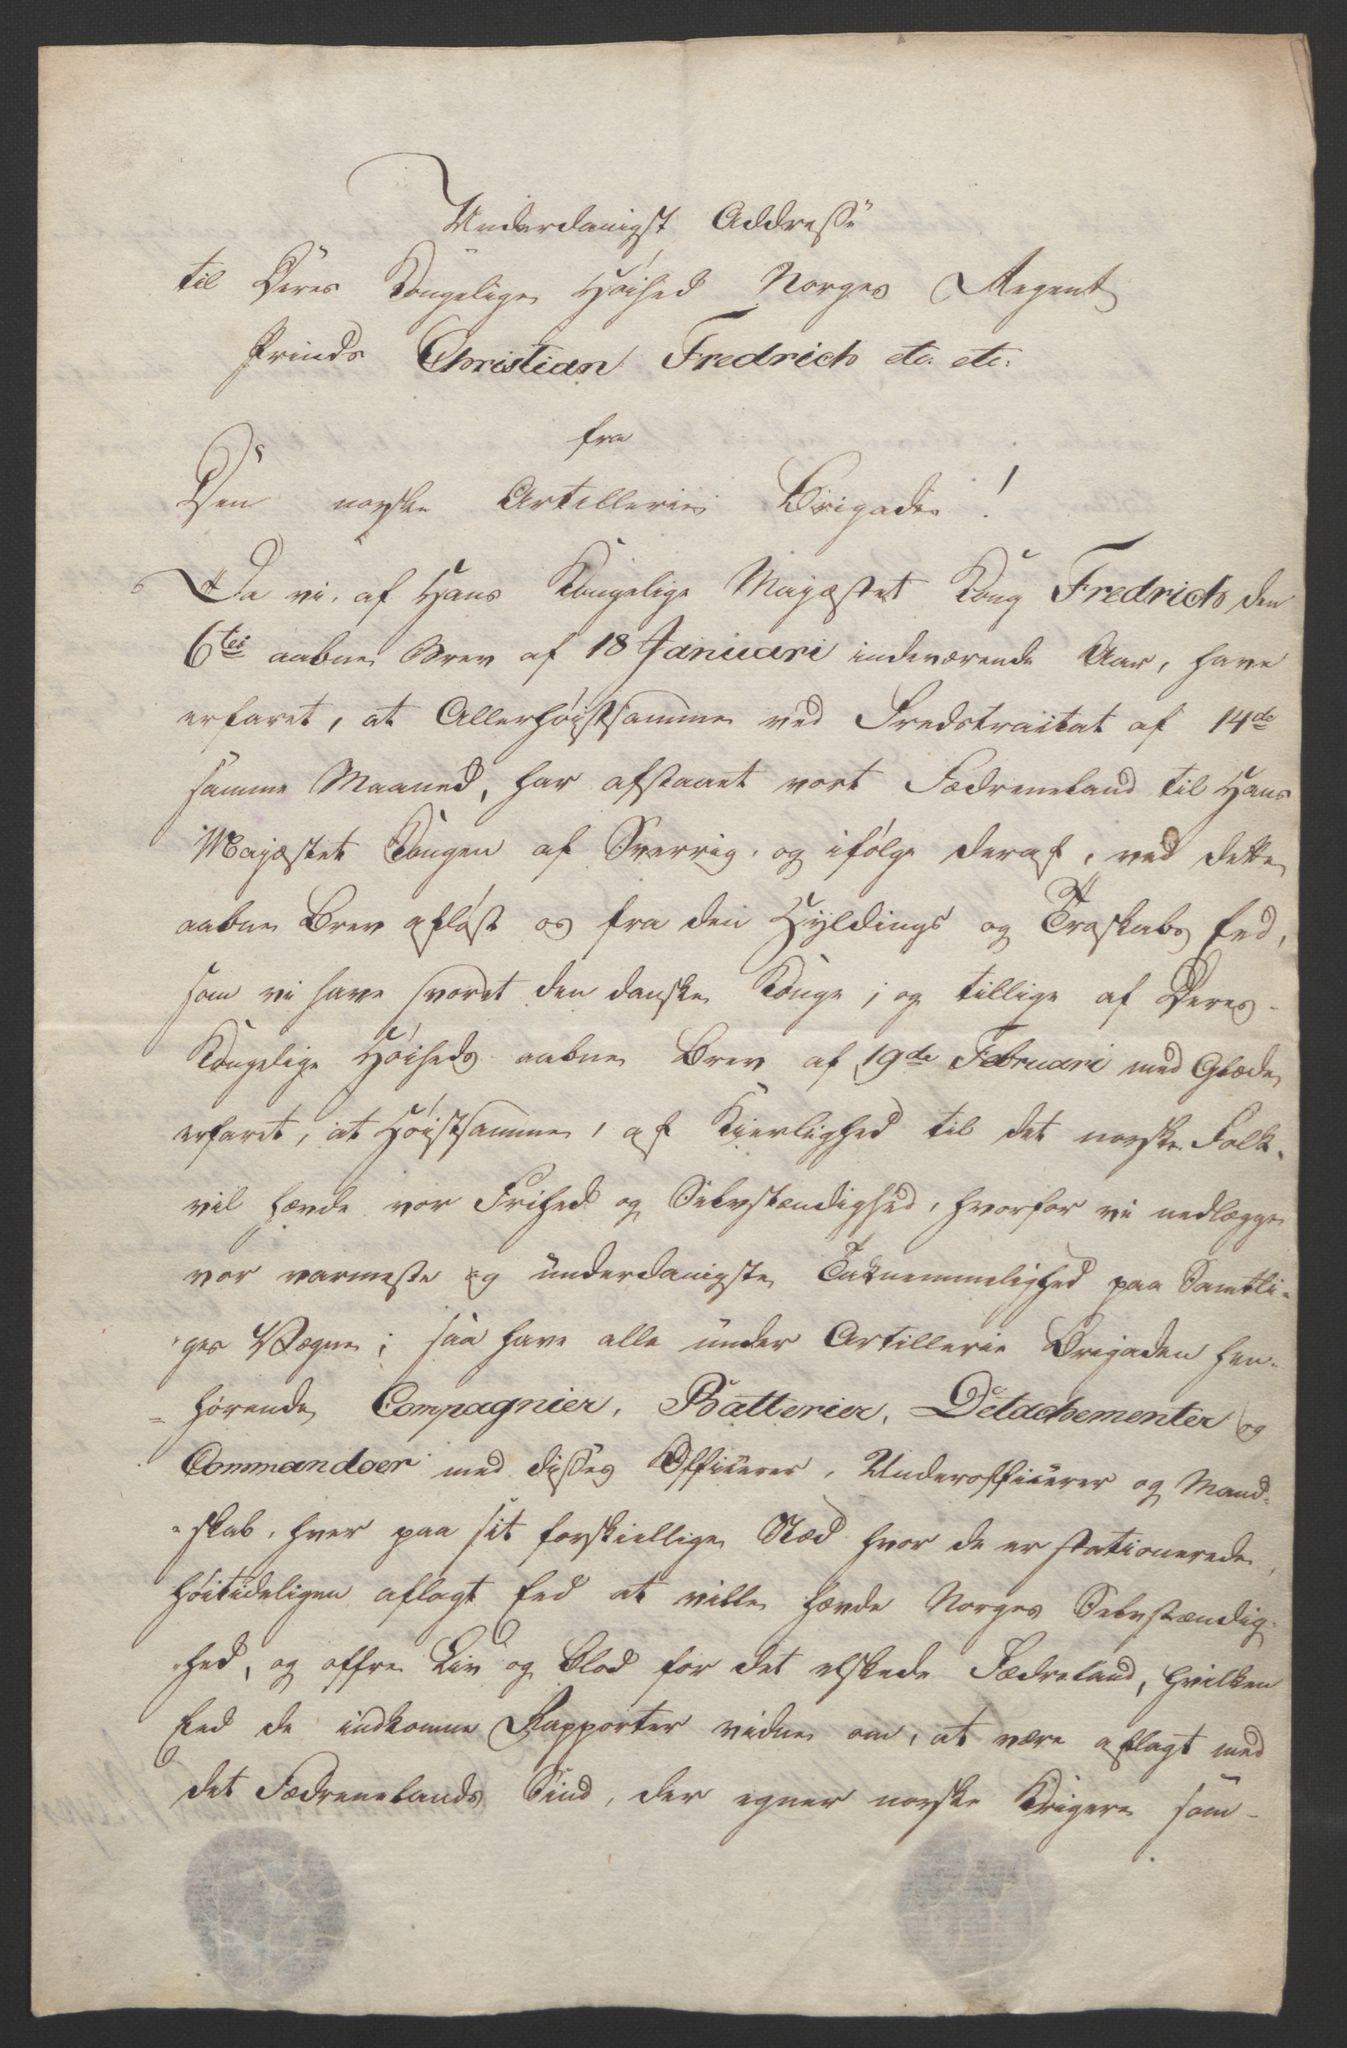 RA, Statsrådssekretariatet, D/Db/L0007: Fullmakter for Eidsvollsrepresentantene i 1814. , 1814, s. 71